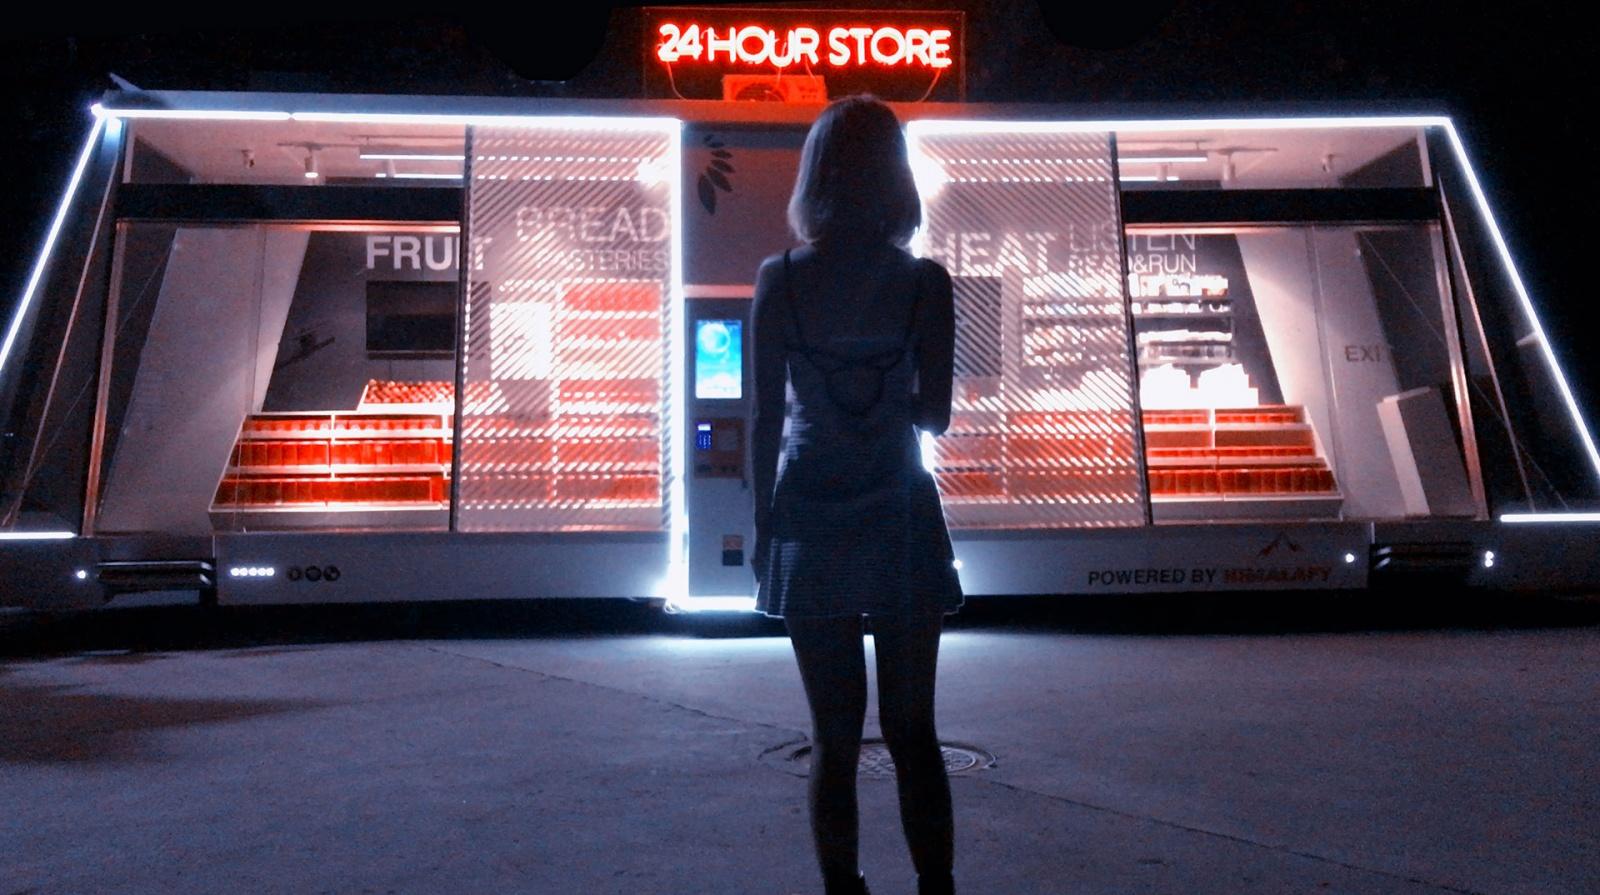 В Китае открылся круглосуточный магазин без обслуживающего персонала - 2